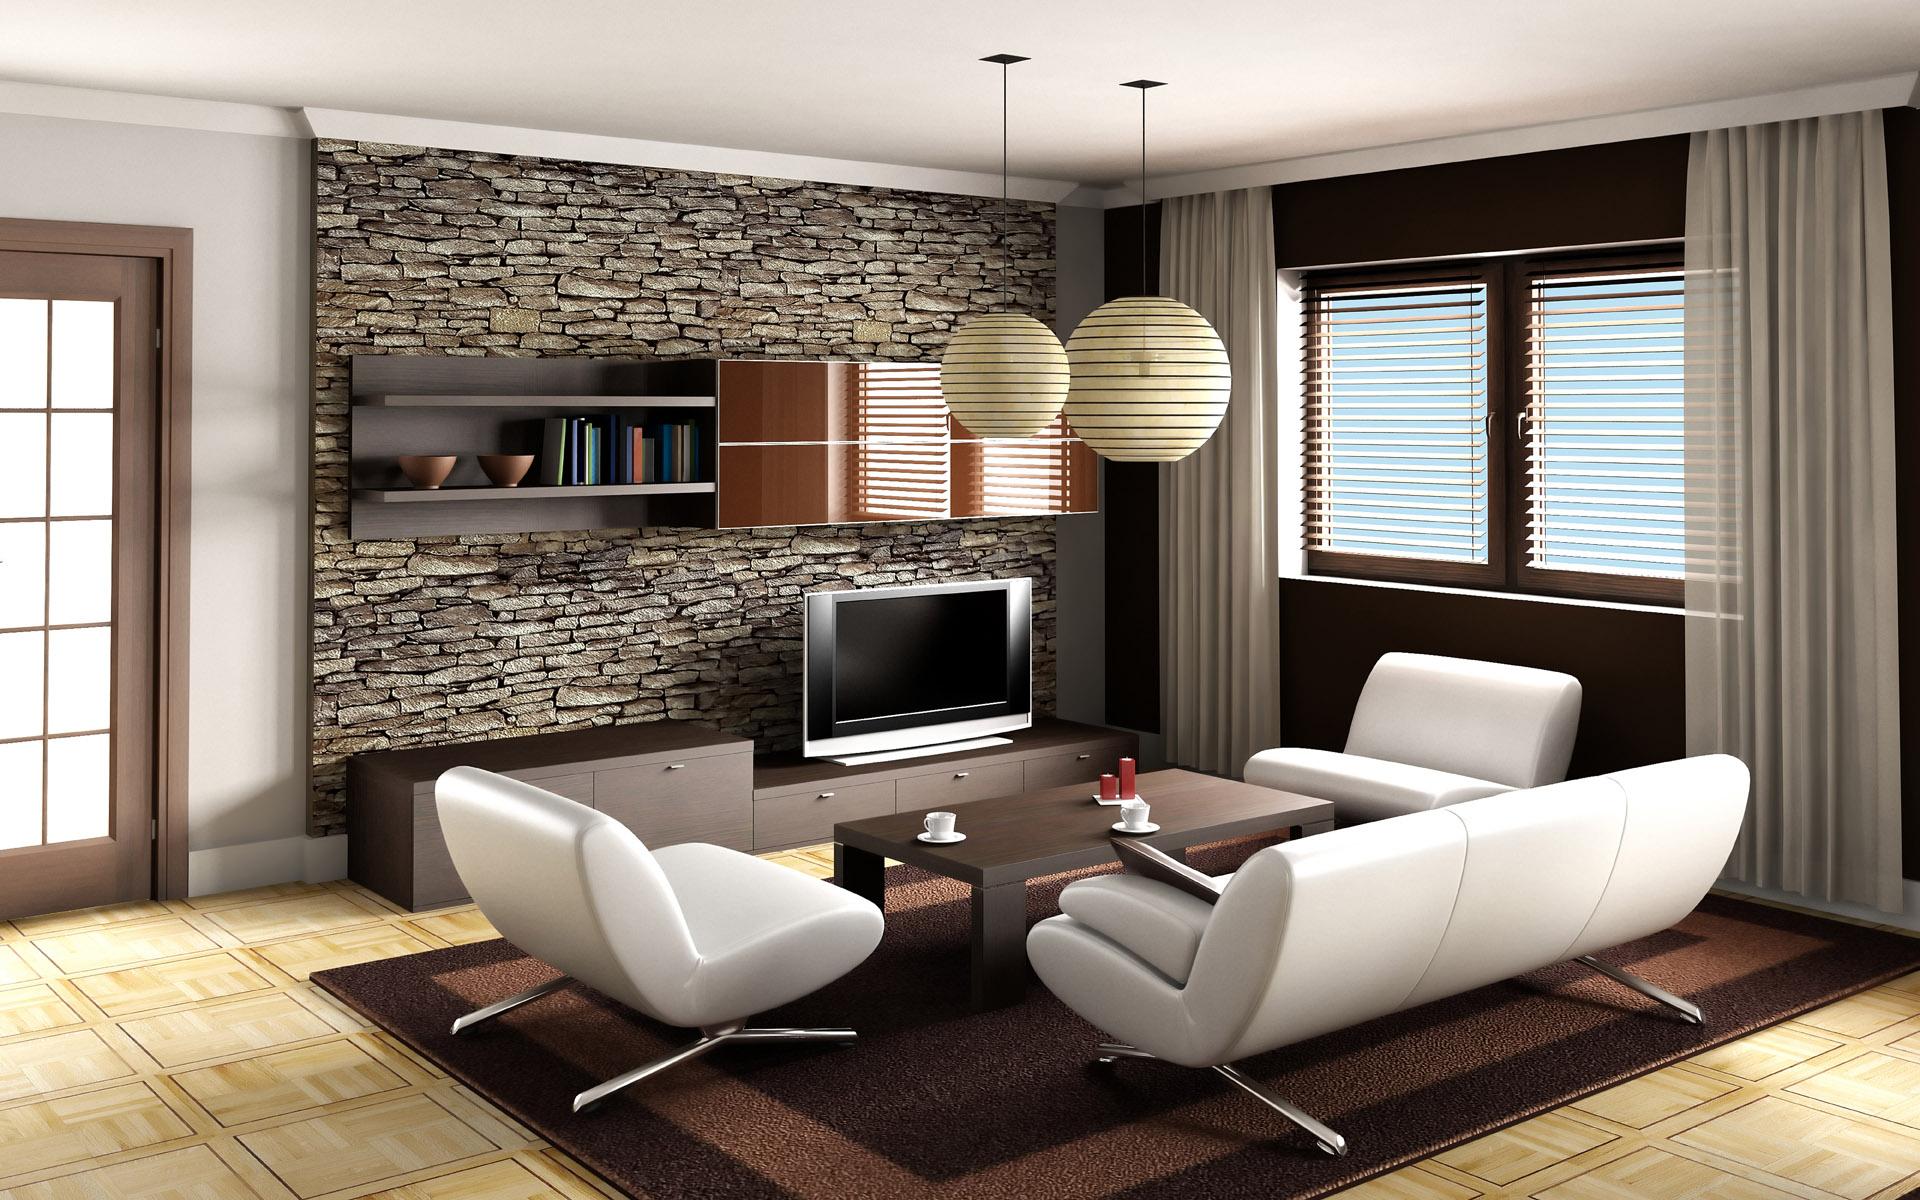 創意室內設計溫馨高雅客廳ppt背景圖片下載